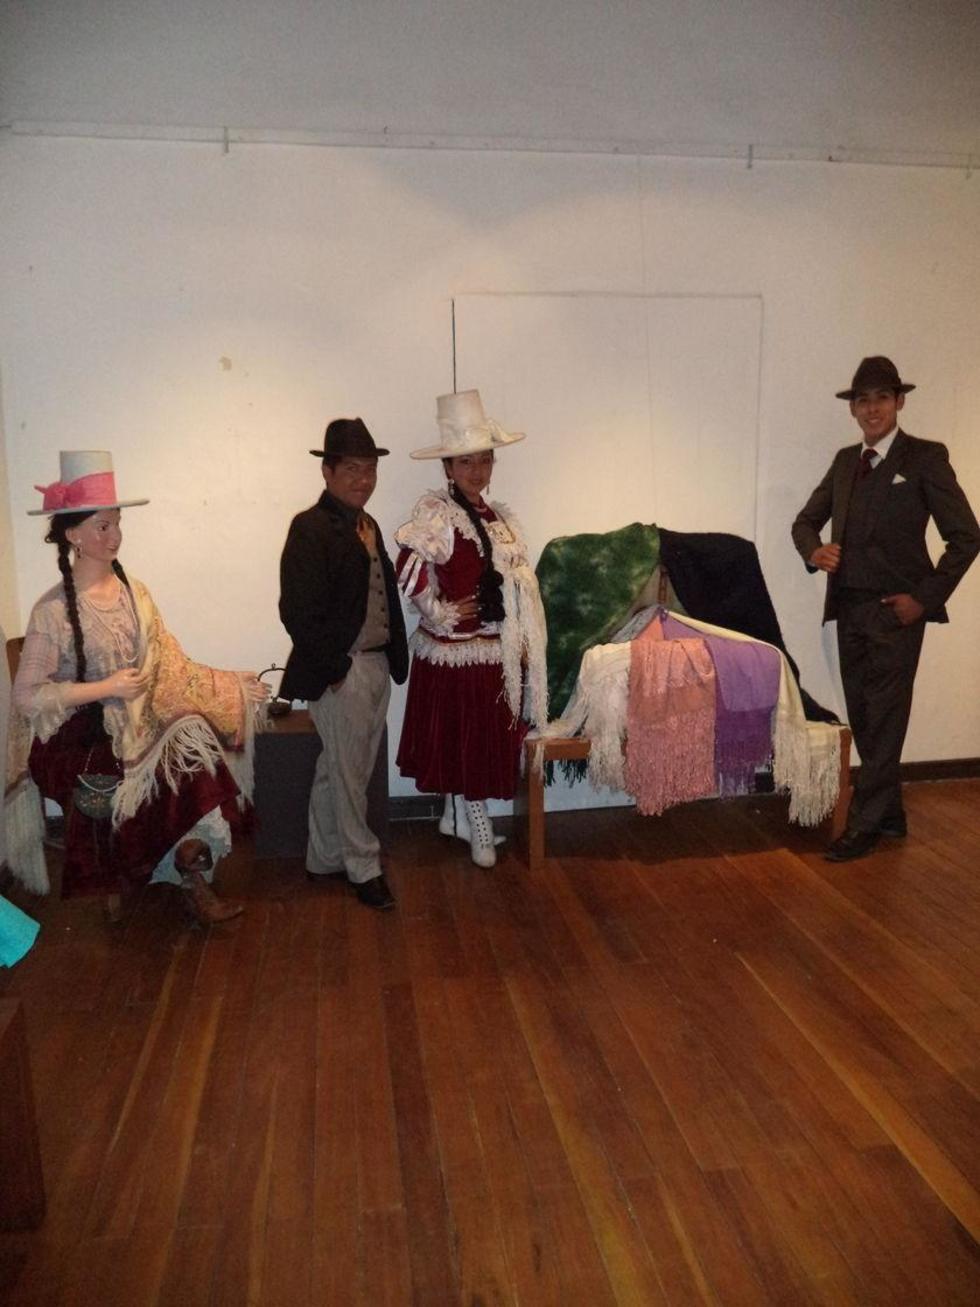 Los miembros del ballet muestran la tradicional ropa.